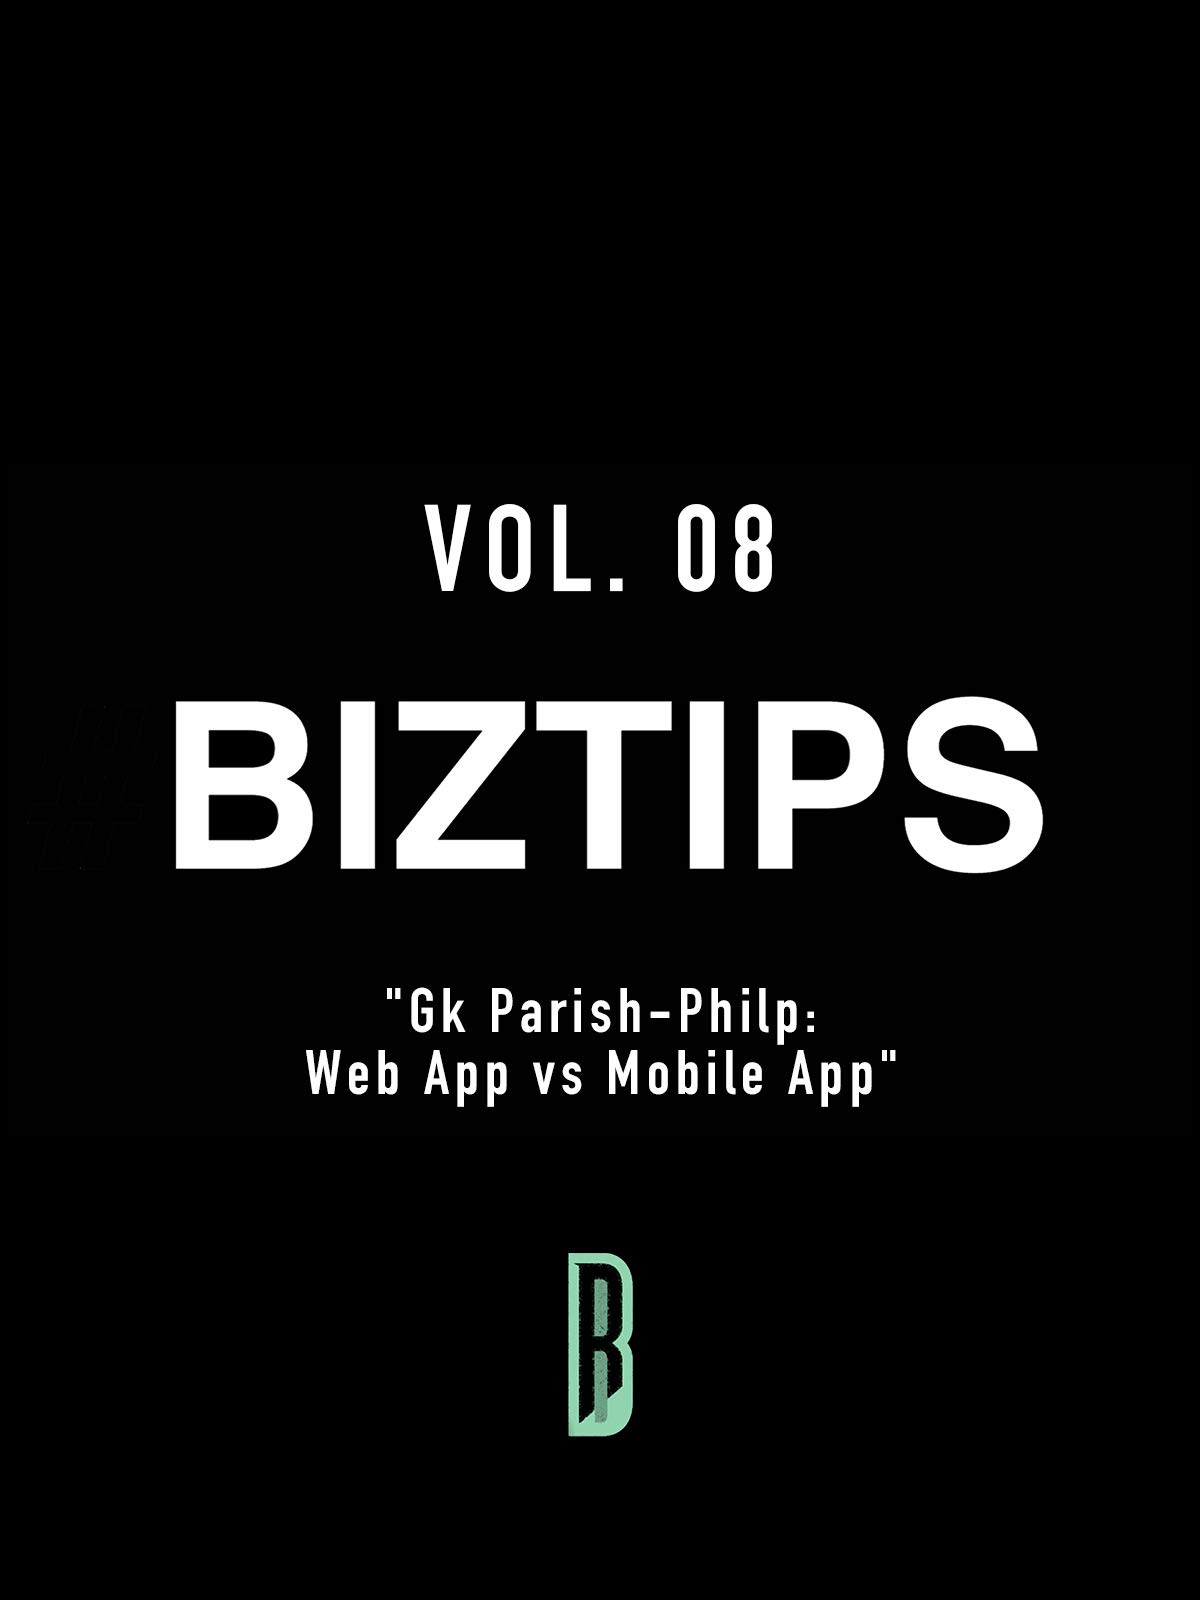 BizTips Vol. 08